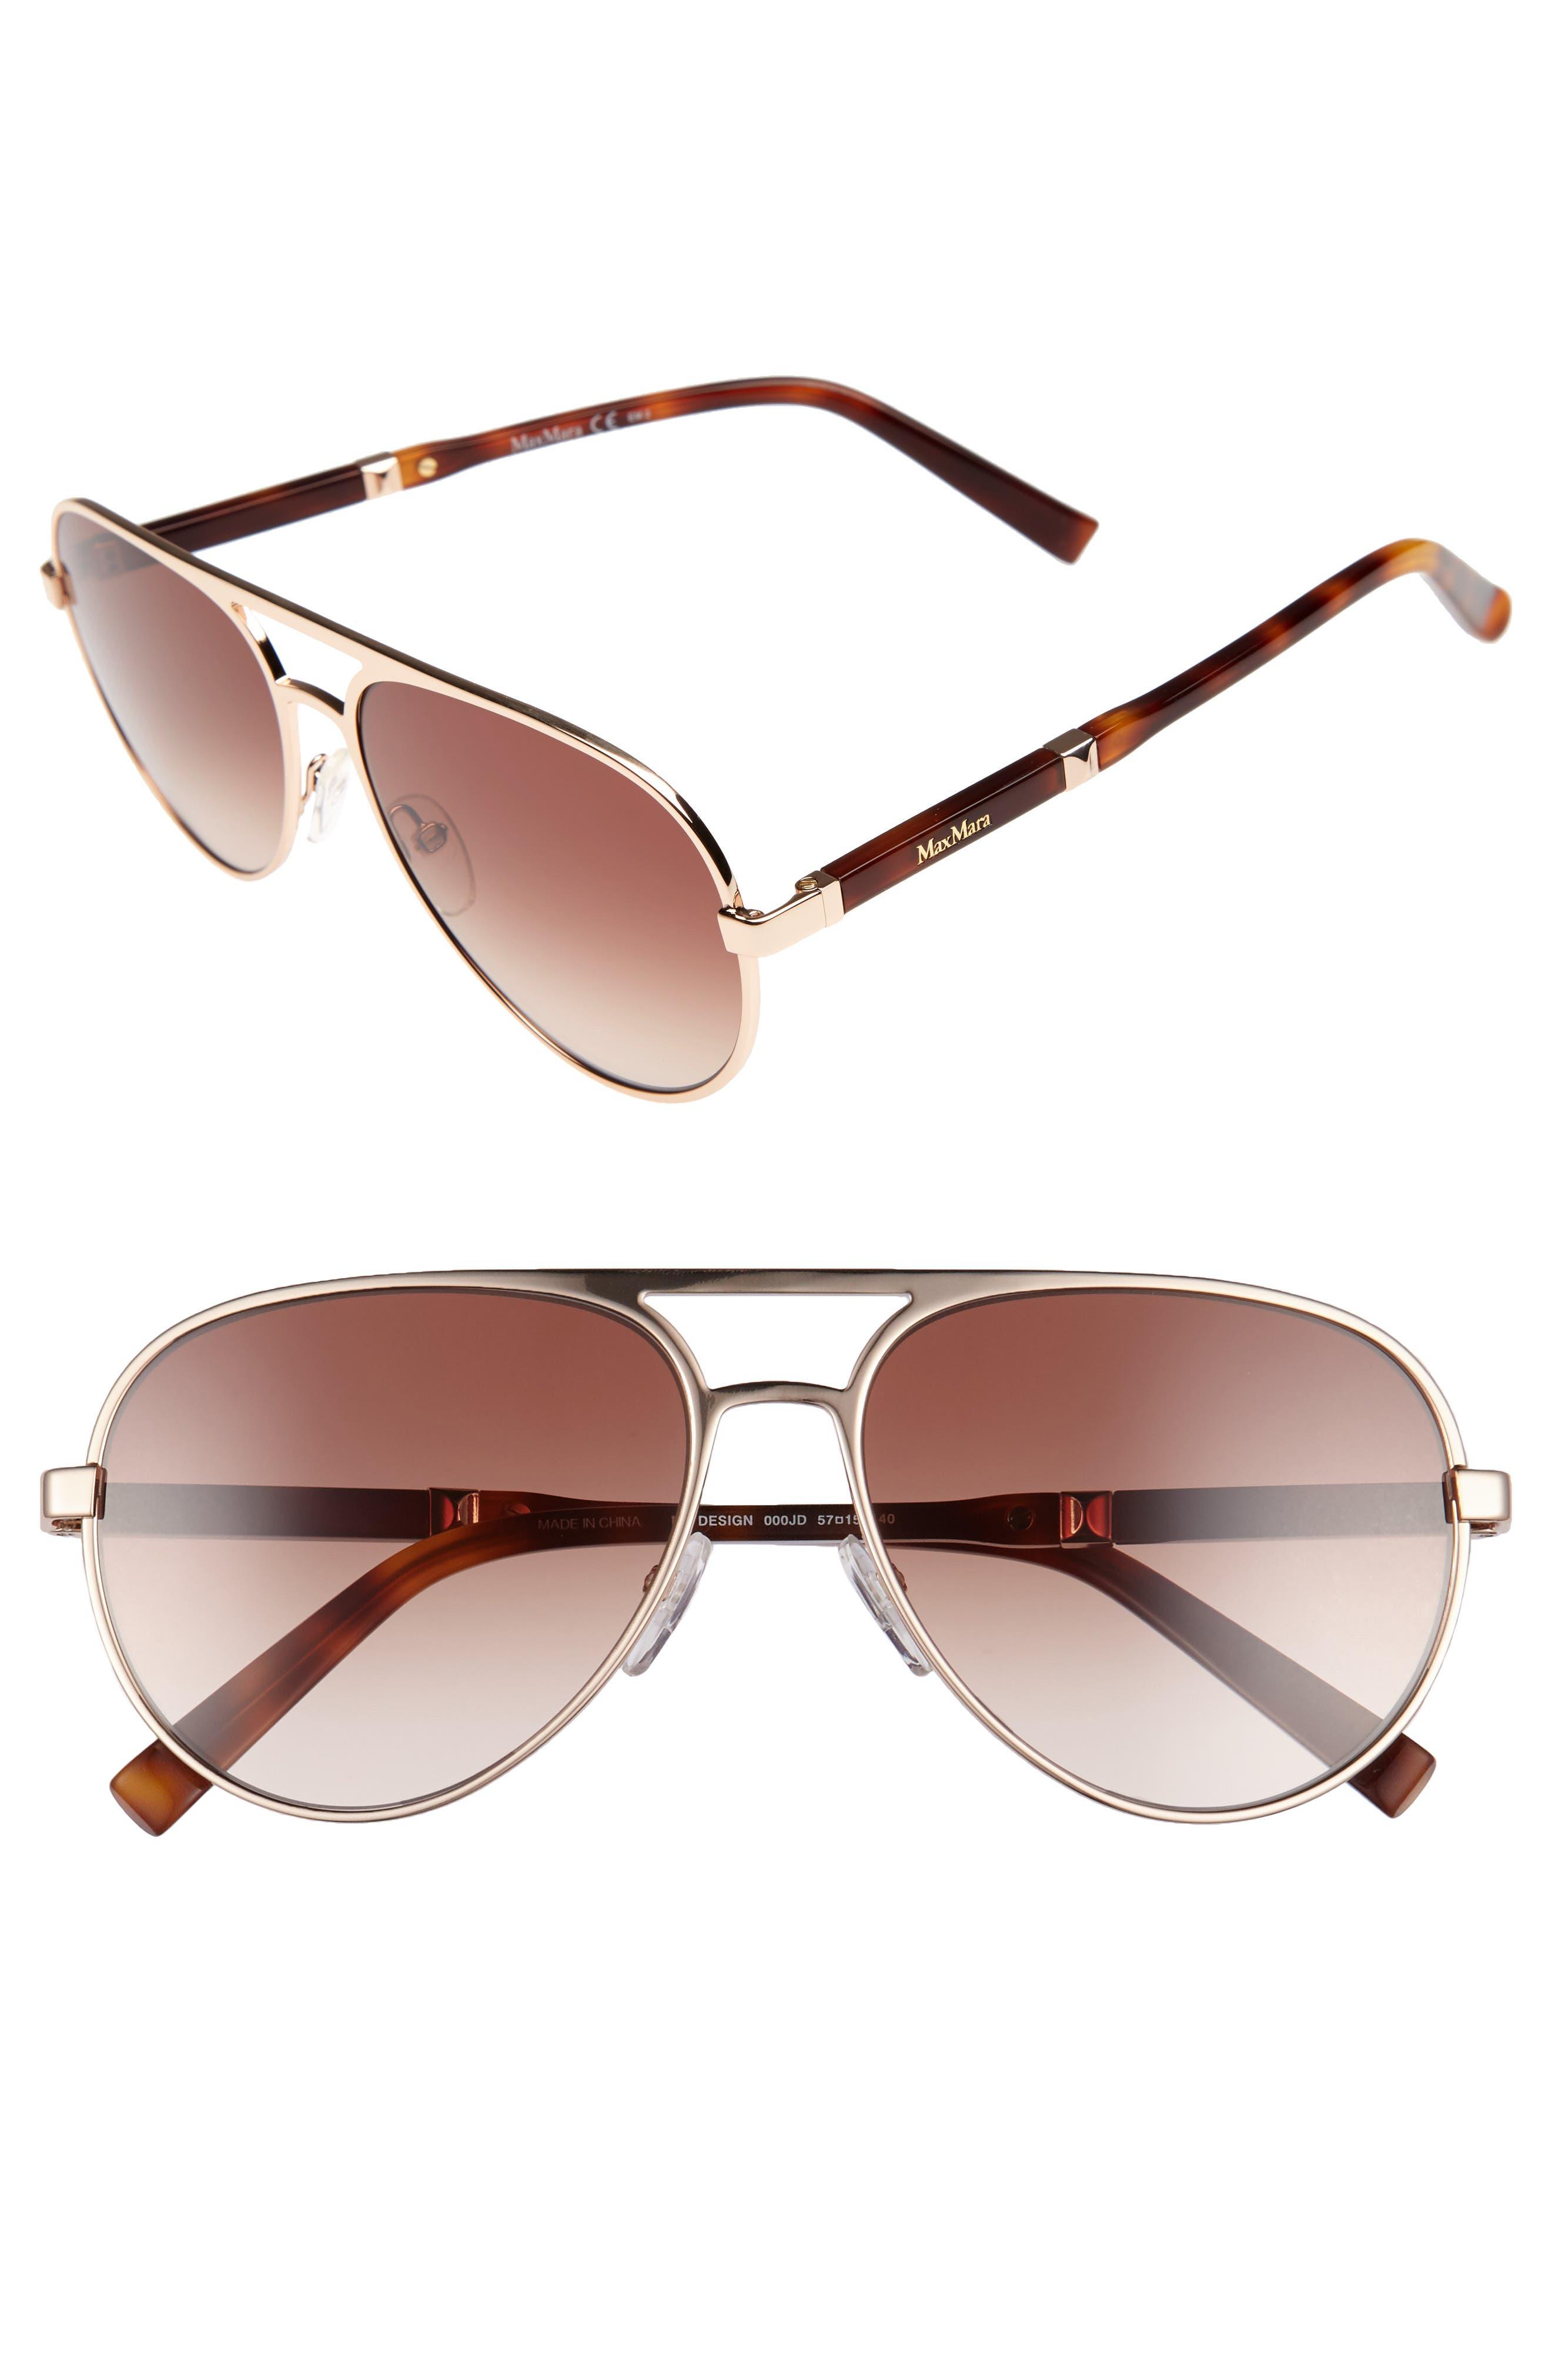 Desigs 57mm Gradient Aviator Sunglasses,                         Main,                         color, 710